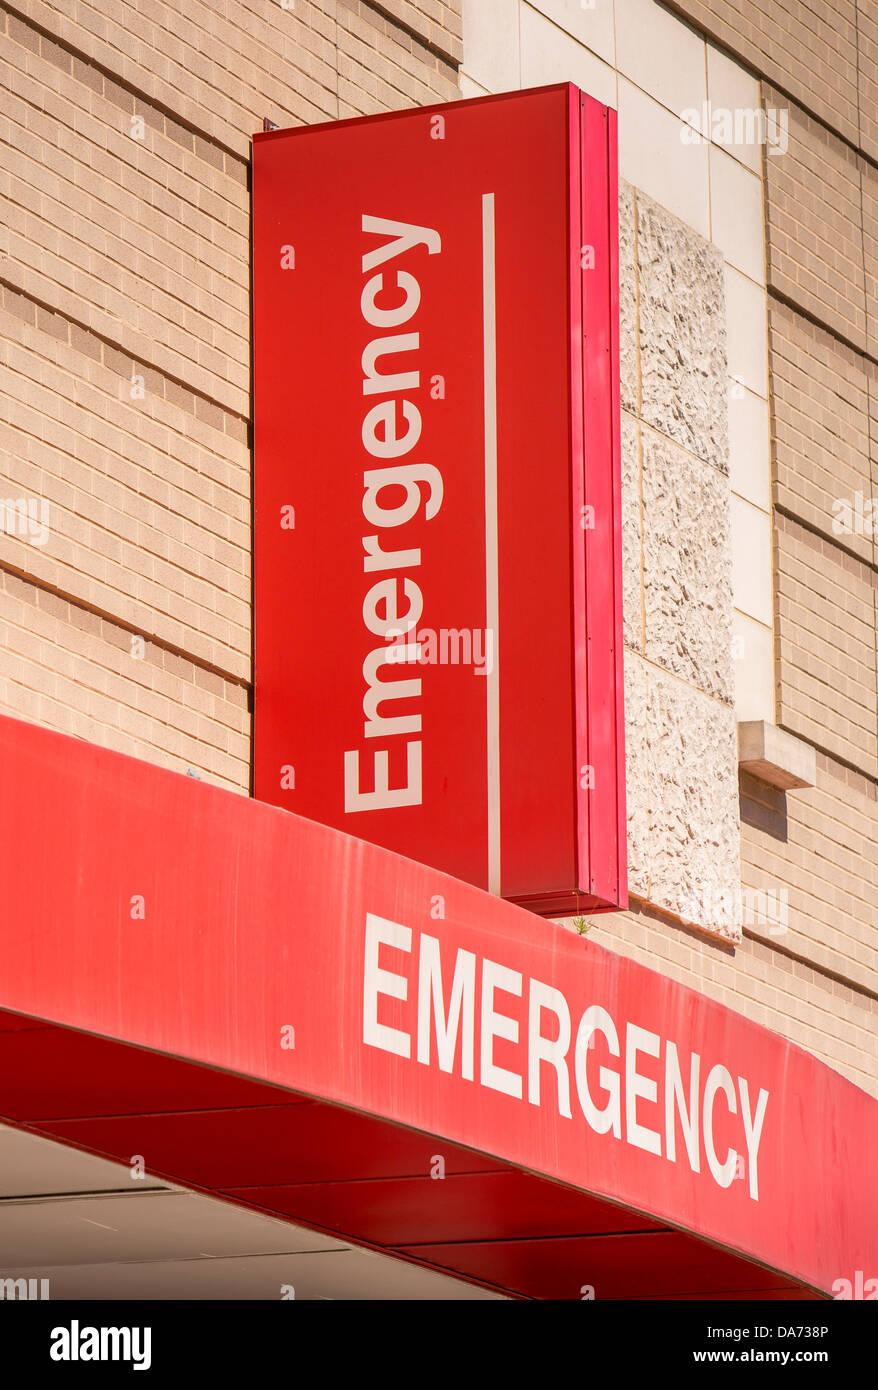 WASHINGTON, DC, USA - The George Washington University Hospital emergency room entrance and sign. - Stock Image